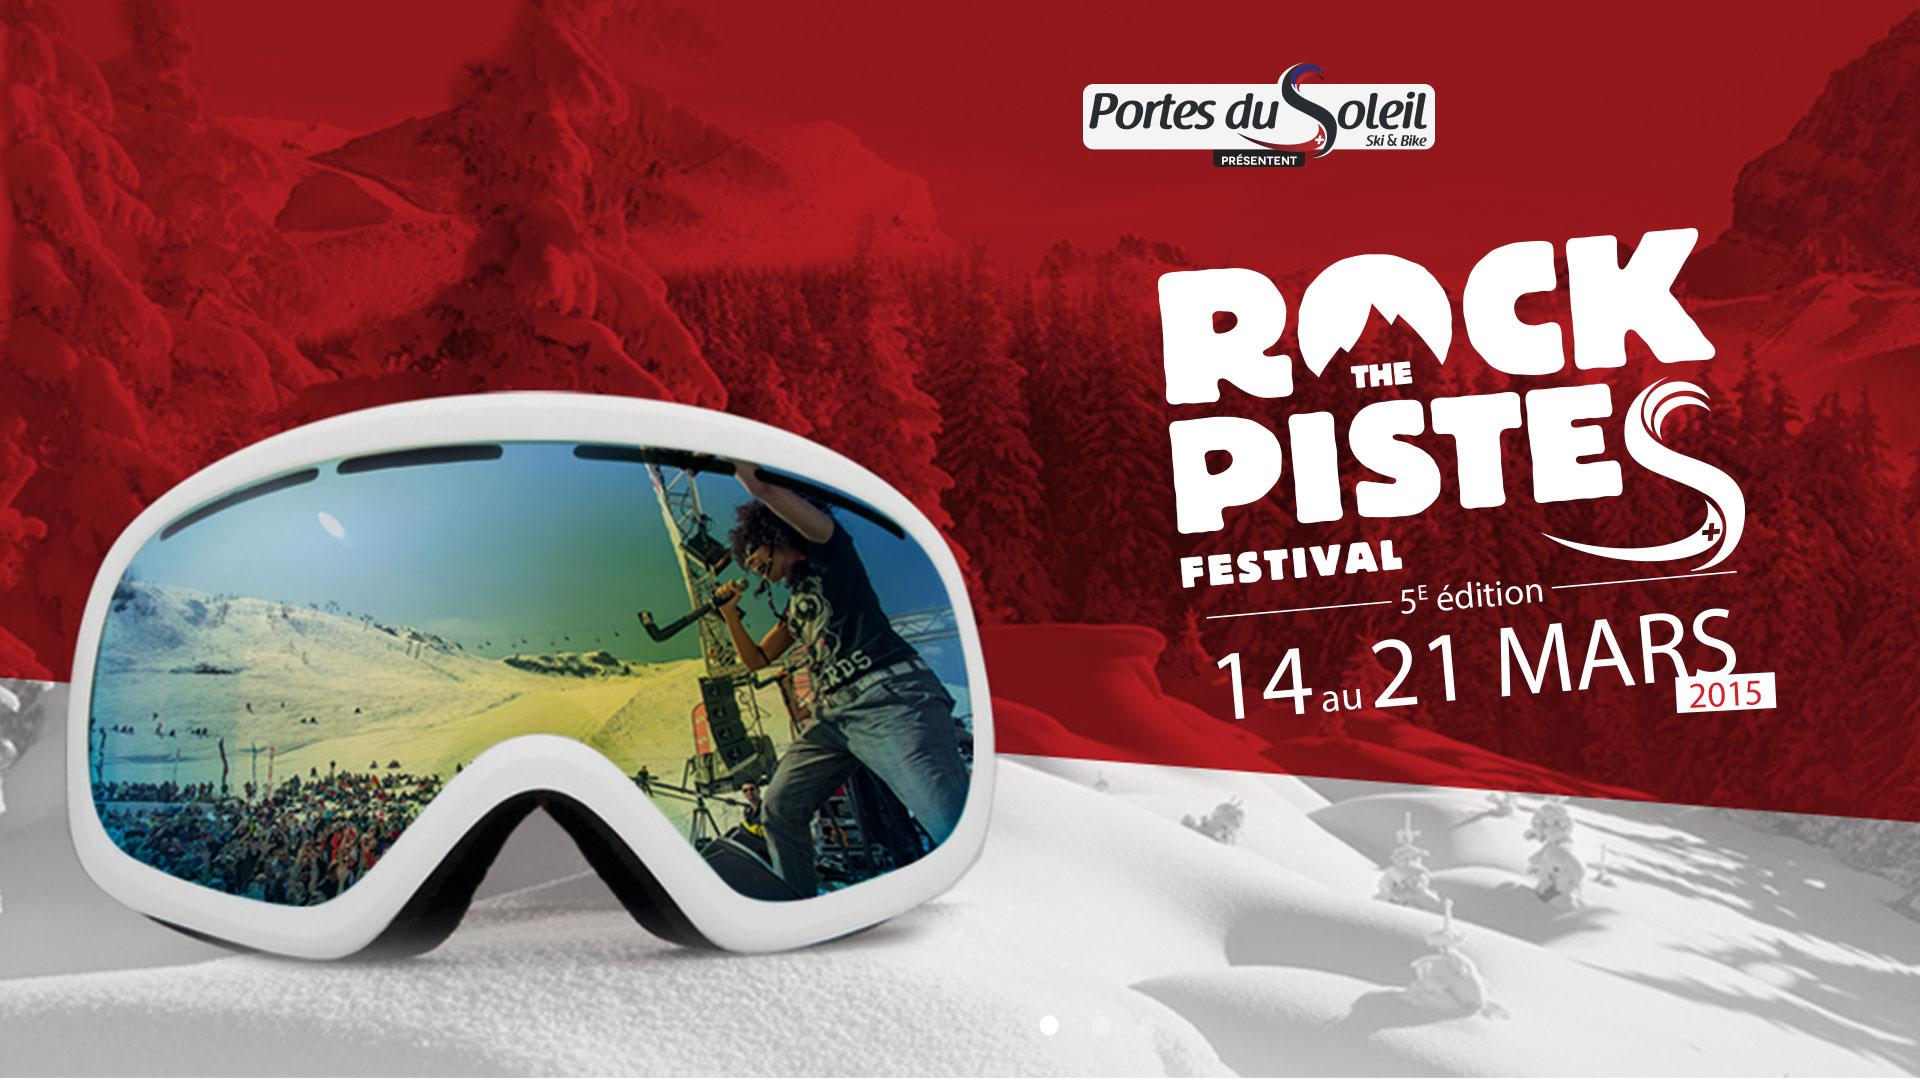 Festival Rock The Piste